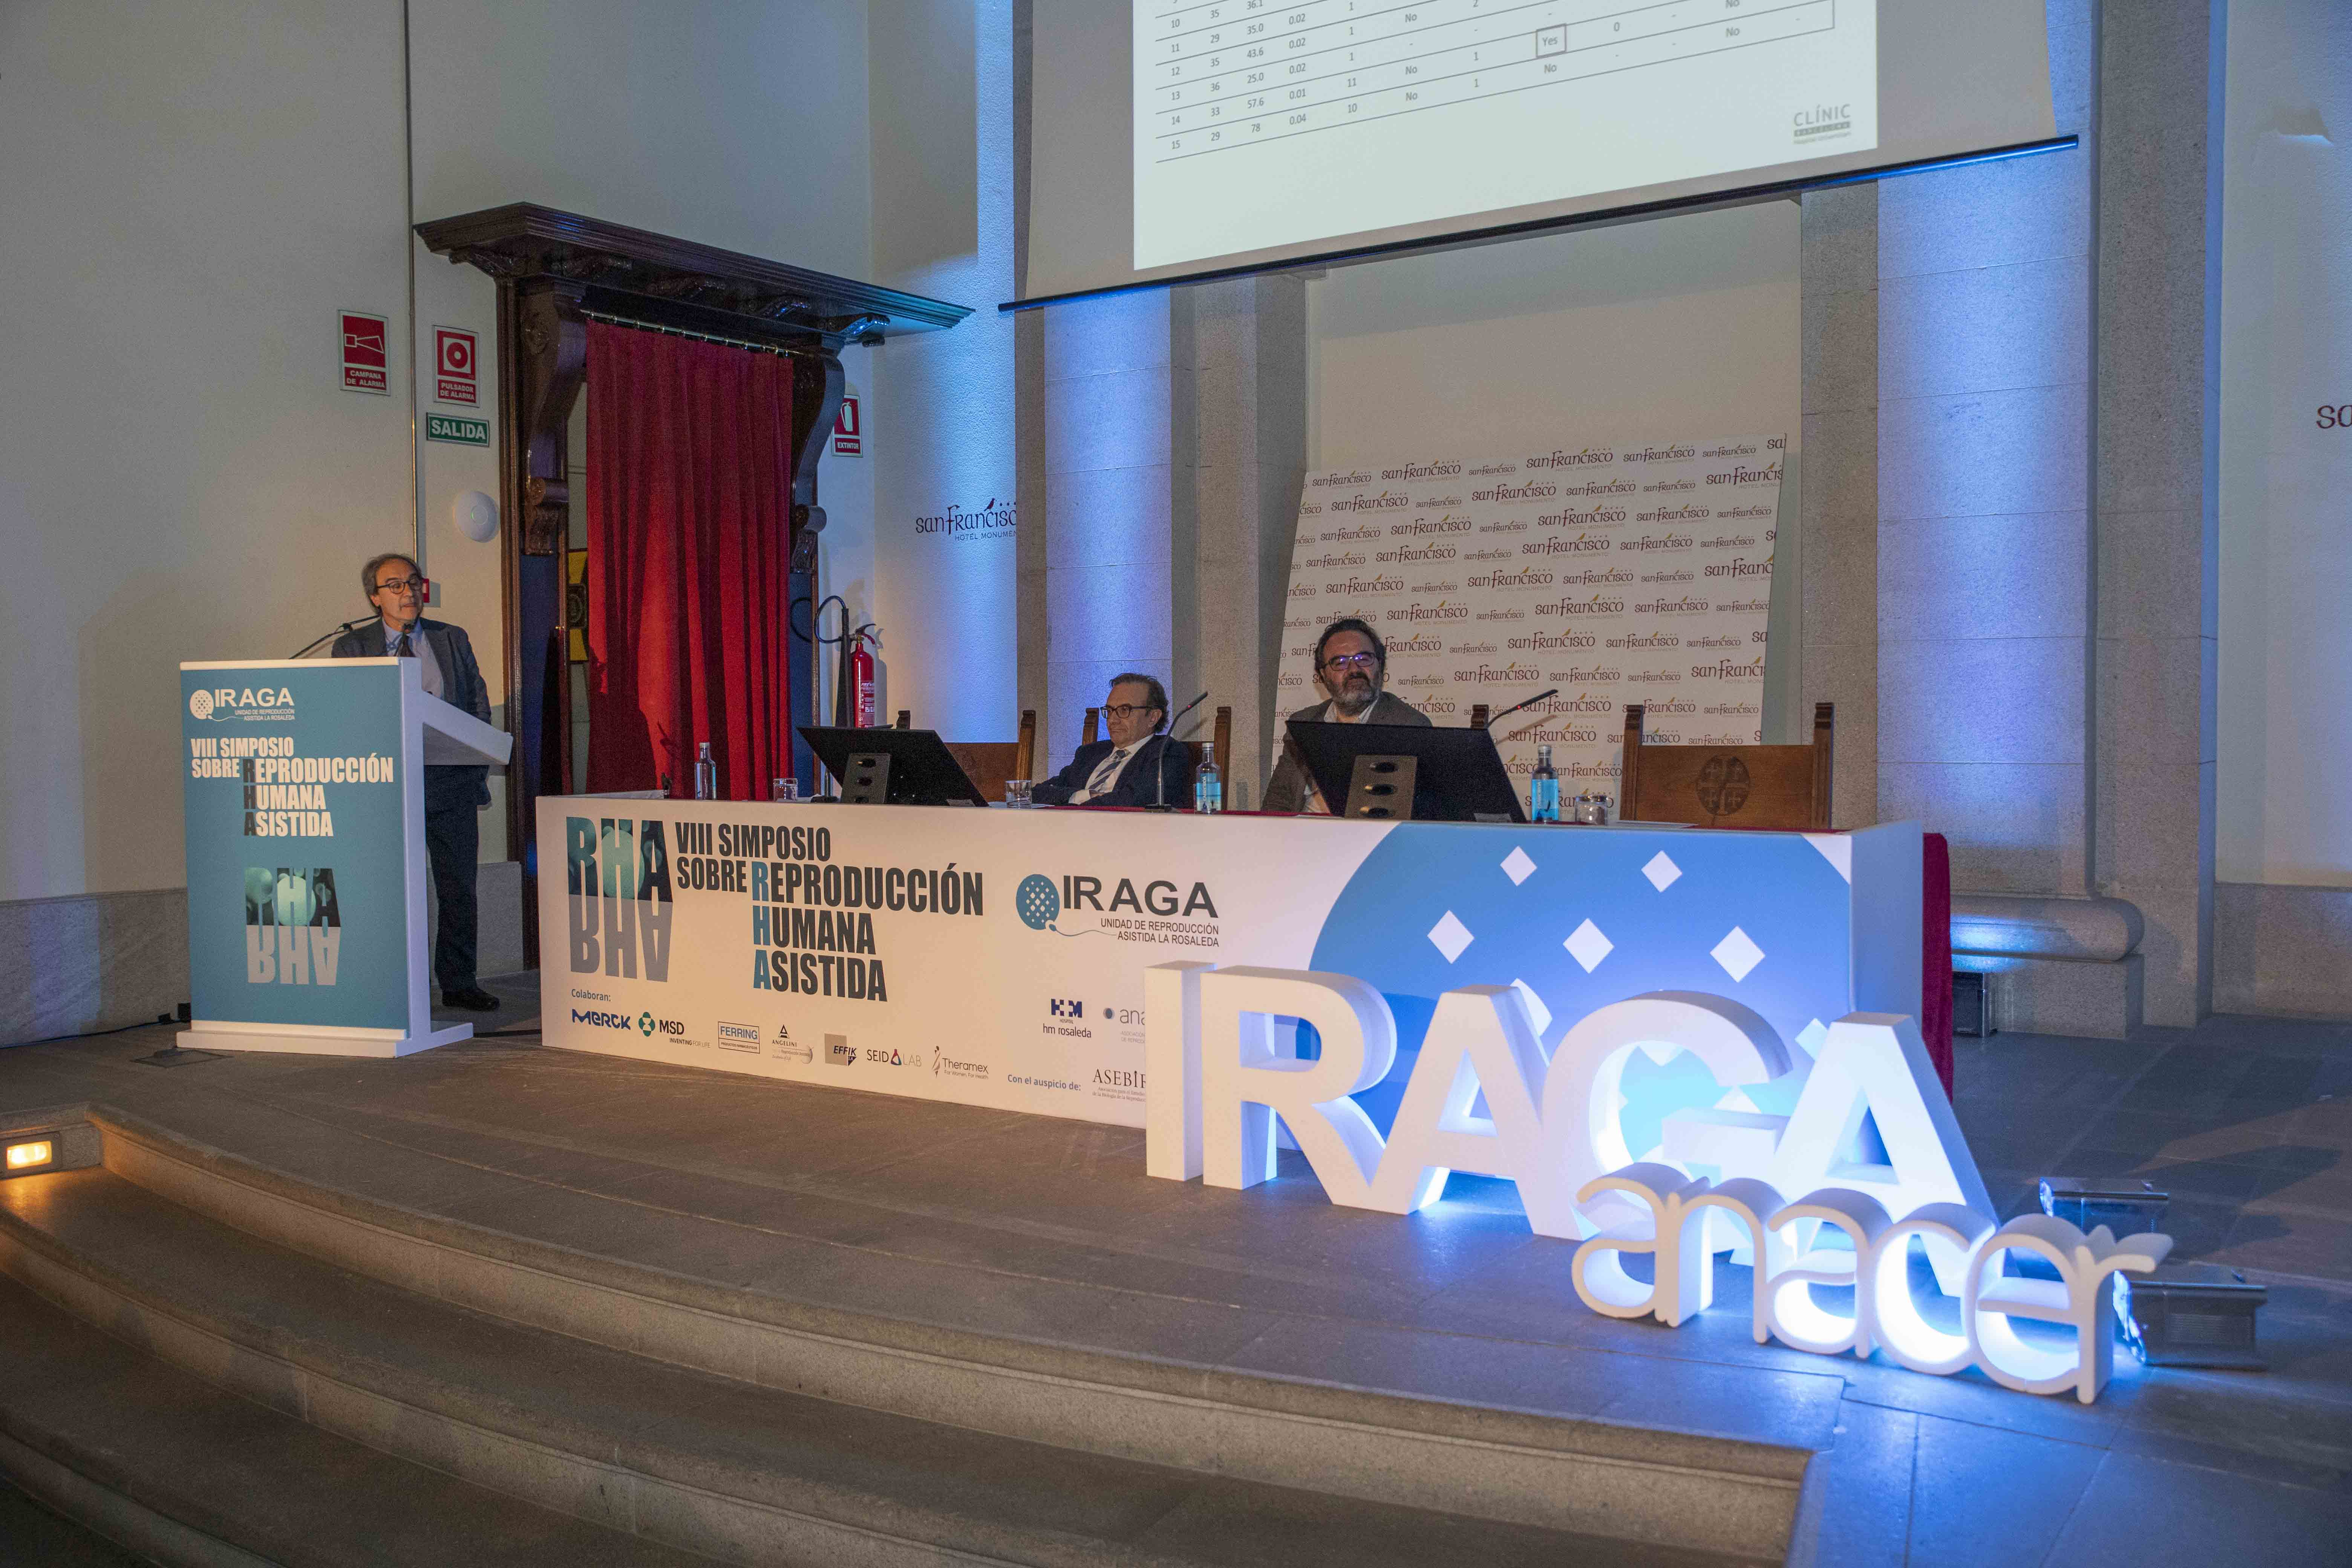 congreso médico de reproducción asistida Simposio IRAGA 2019